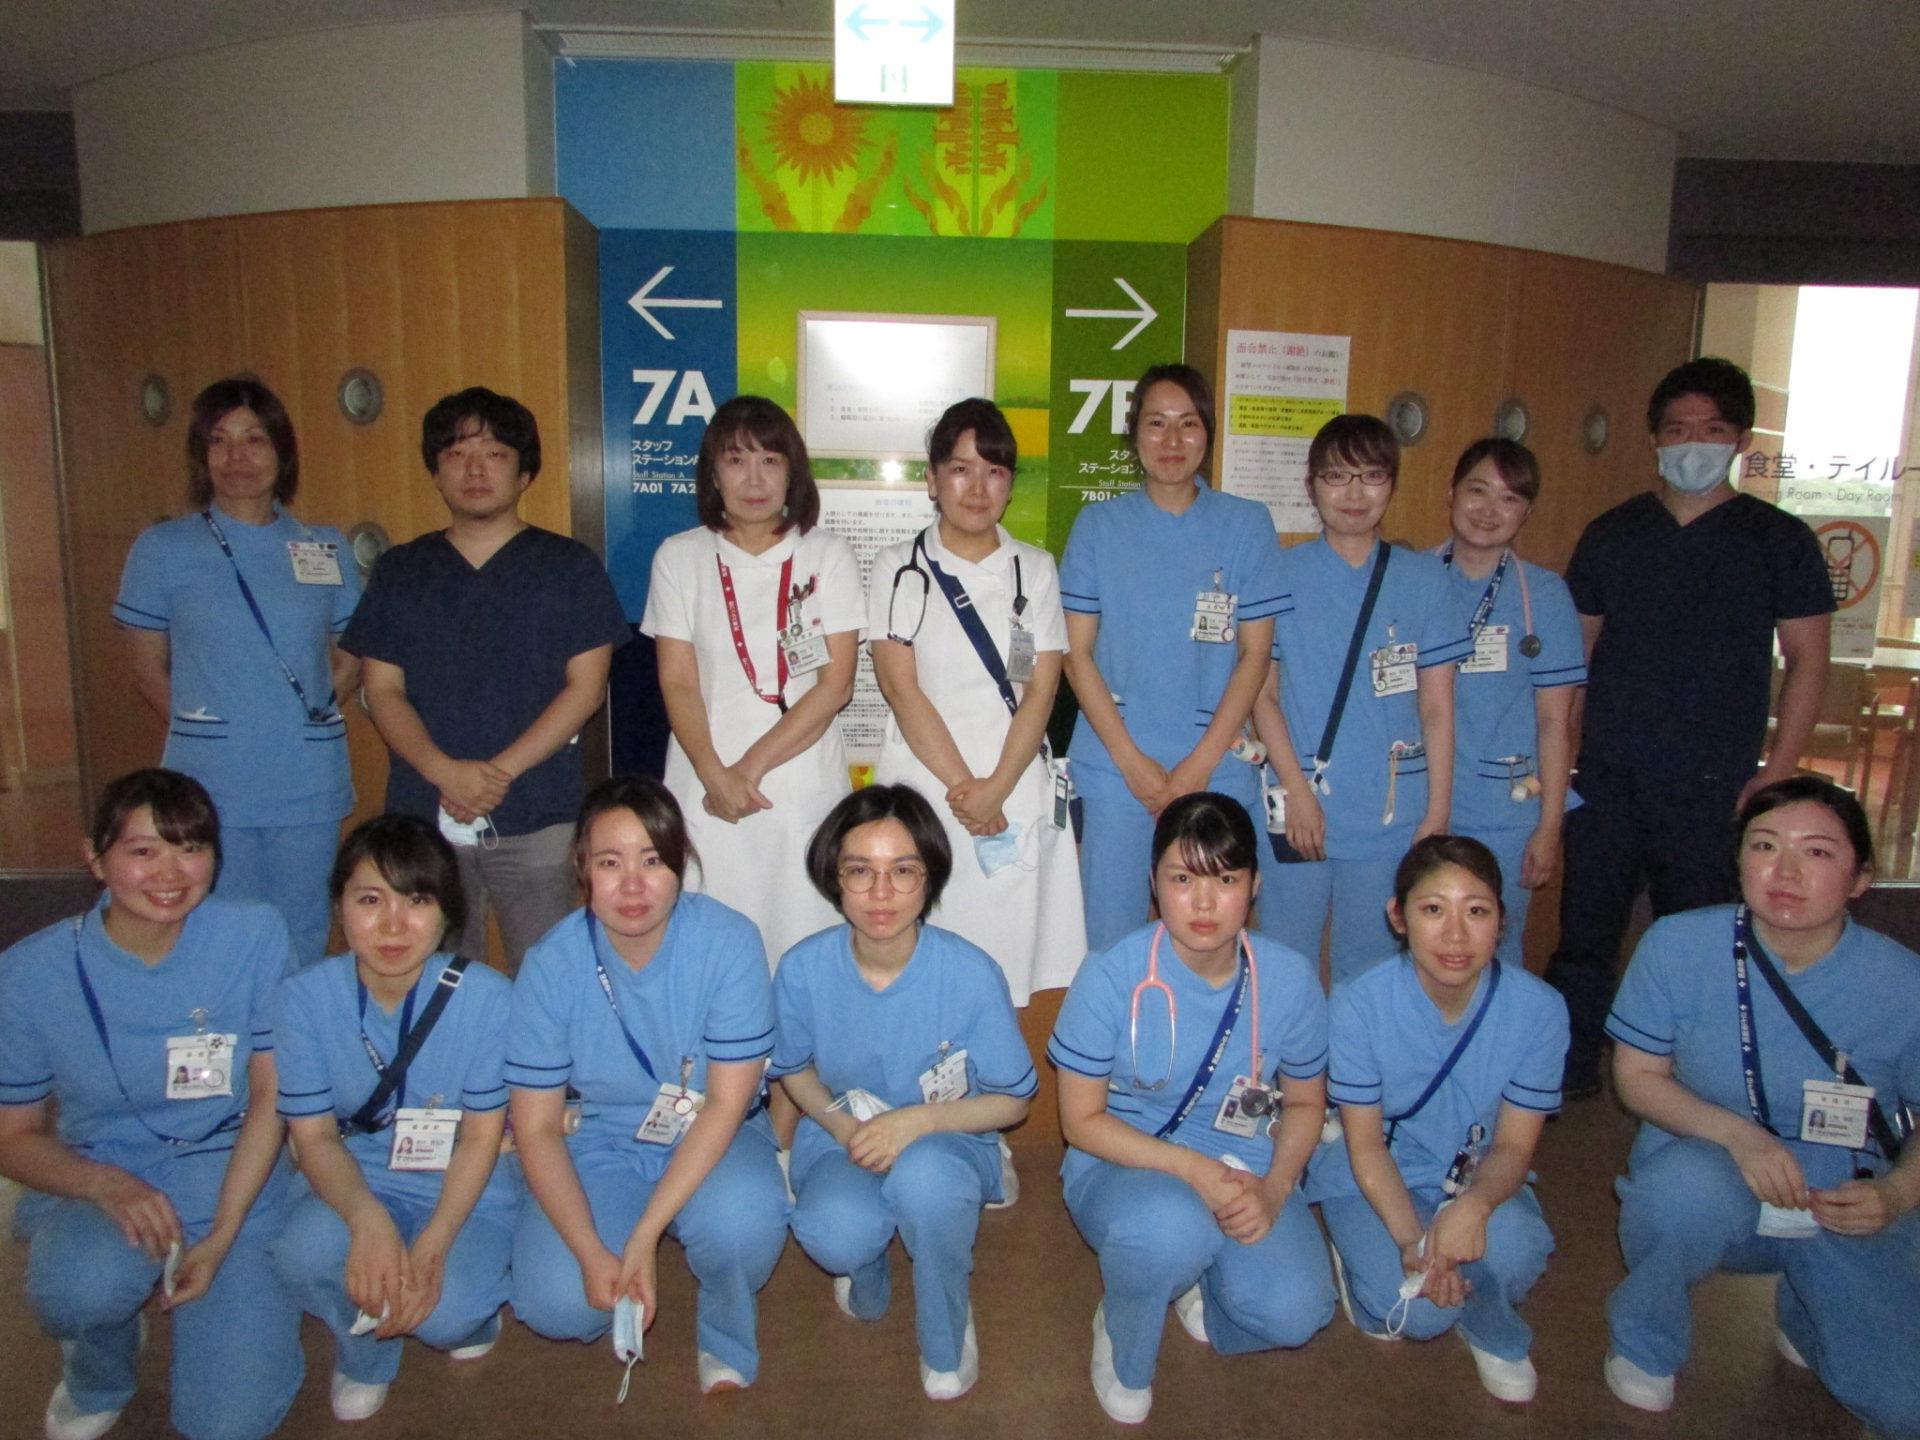 7B病棟:呼吸器内科・外科、血液・腫瘍内科、整形外科